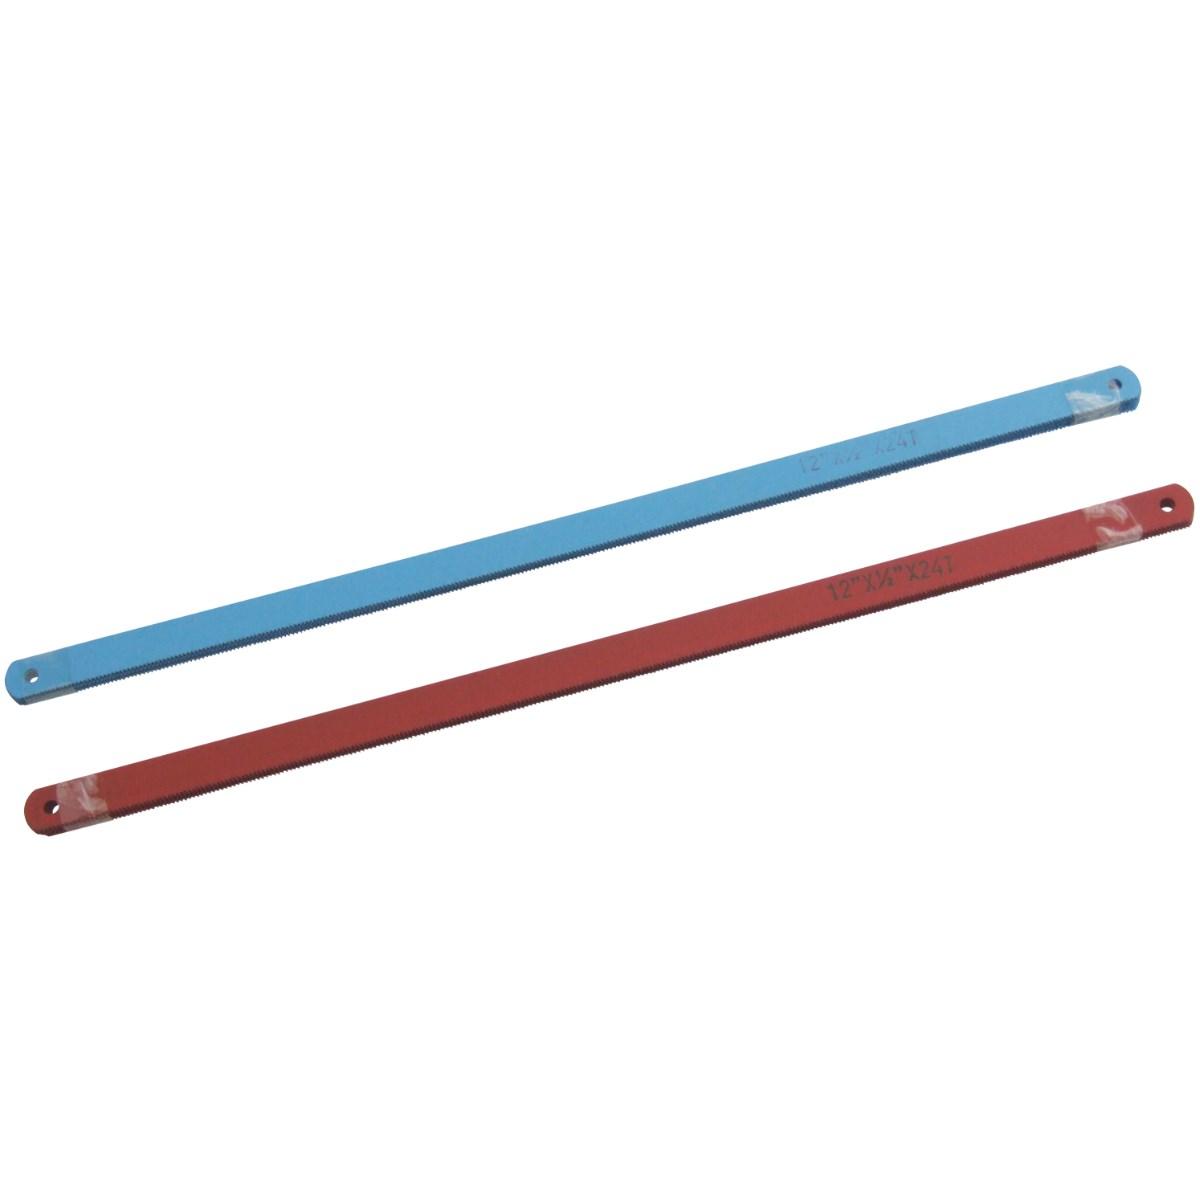 Large Hacksaw Blades